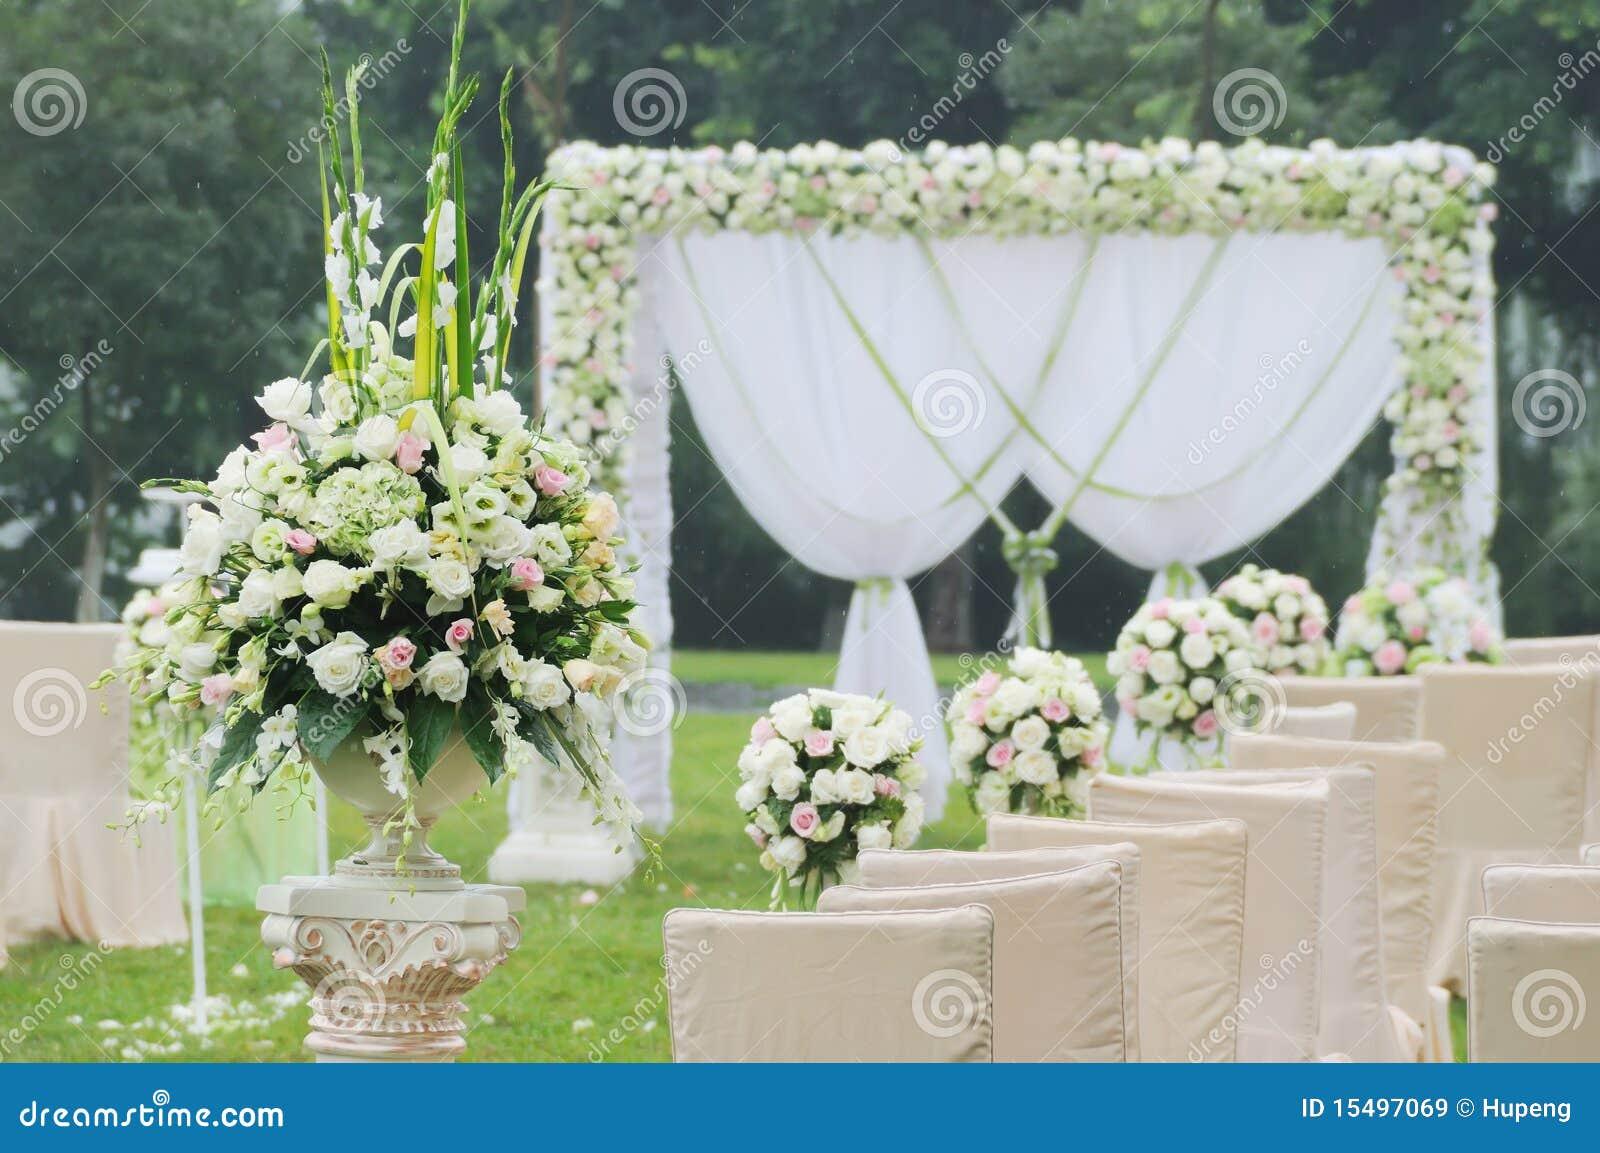 概览接收婚礼